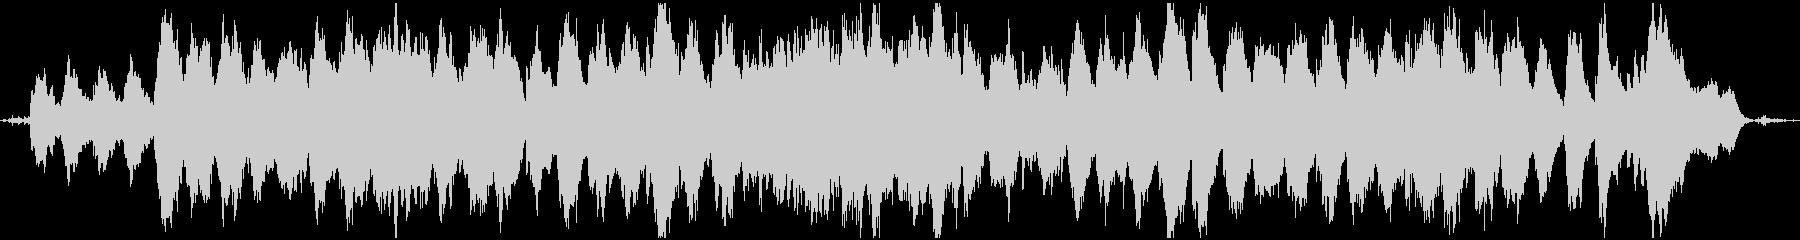 リラックスできる夢心地なBGM&波の音の未再生の波形